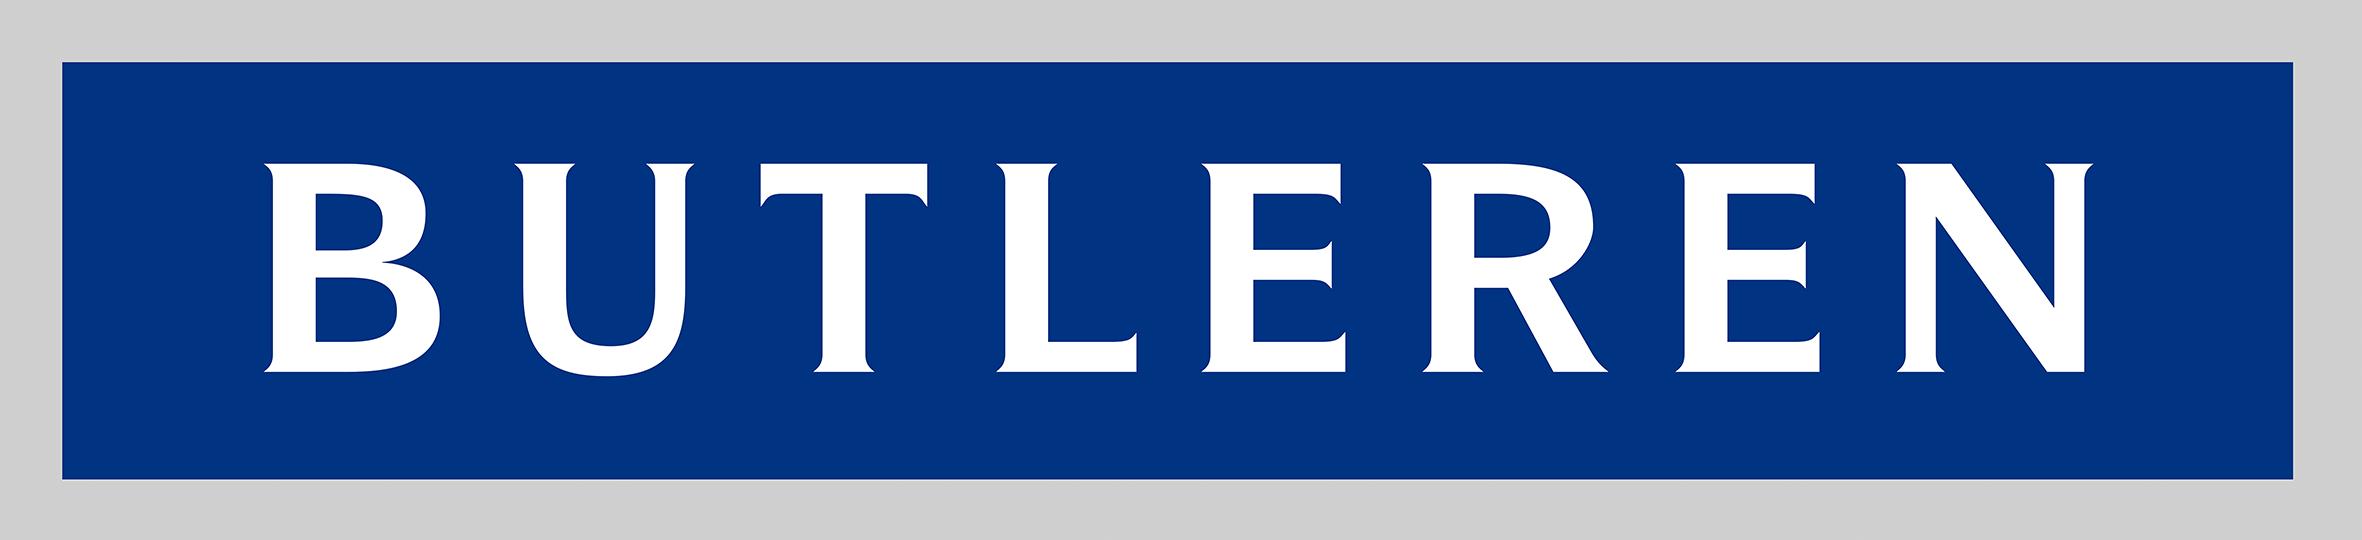 Butleren